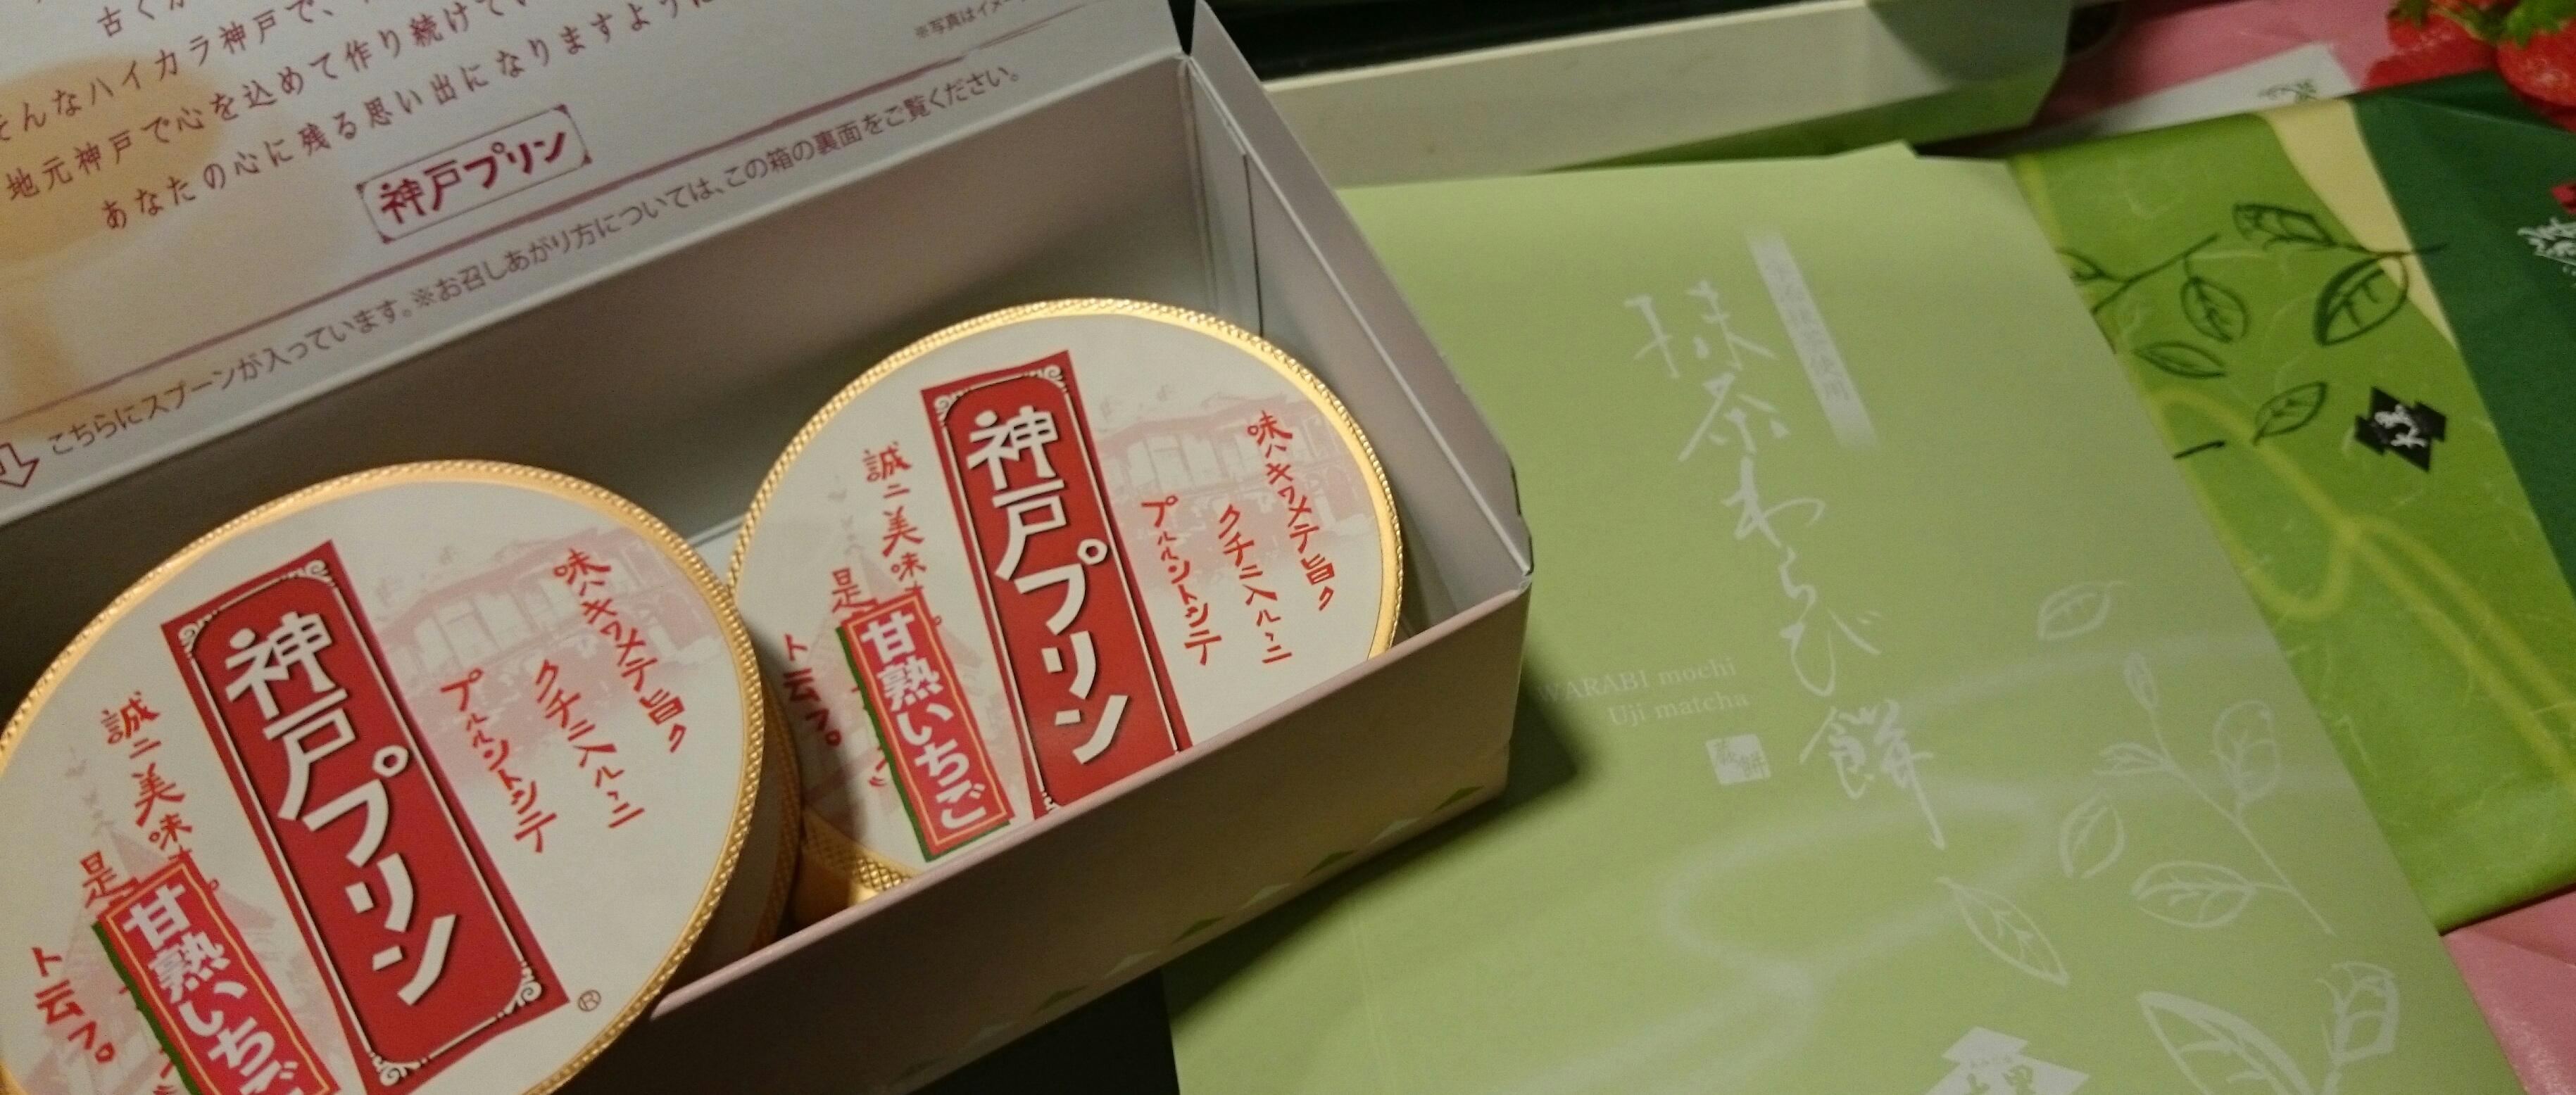 美味しい頂き物ありがとうございました!